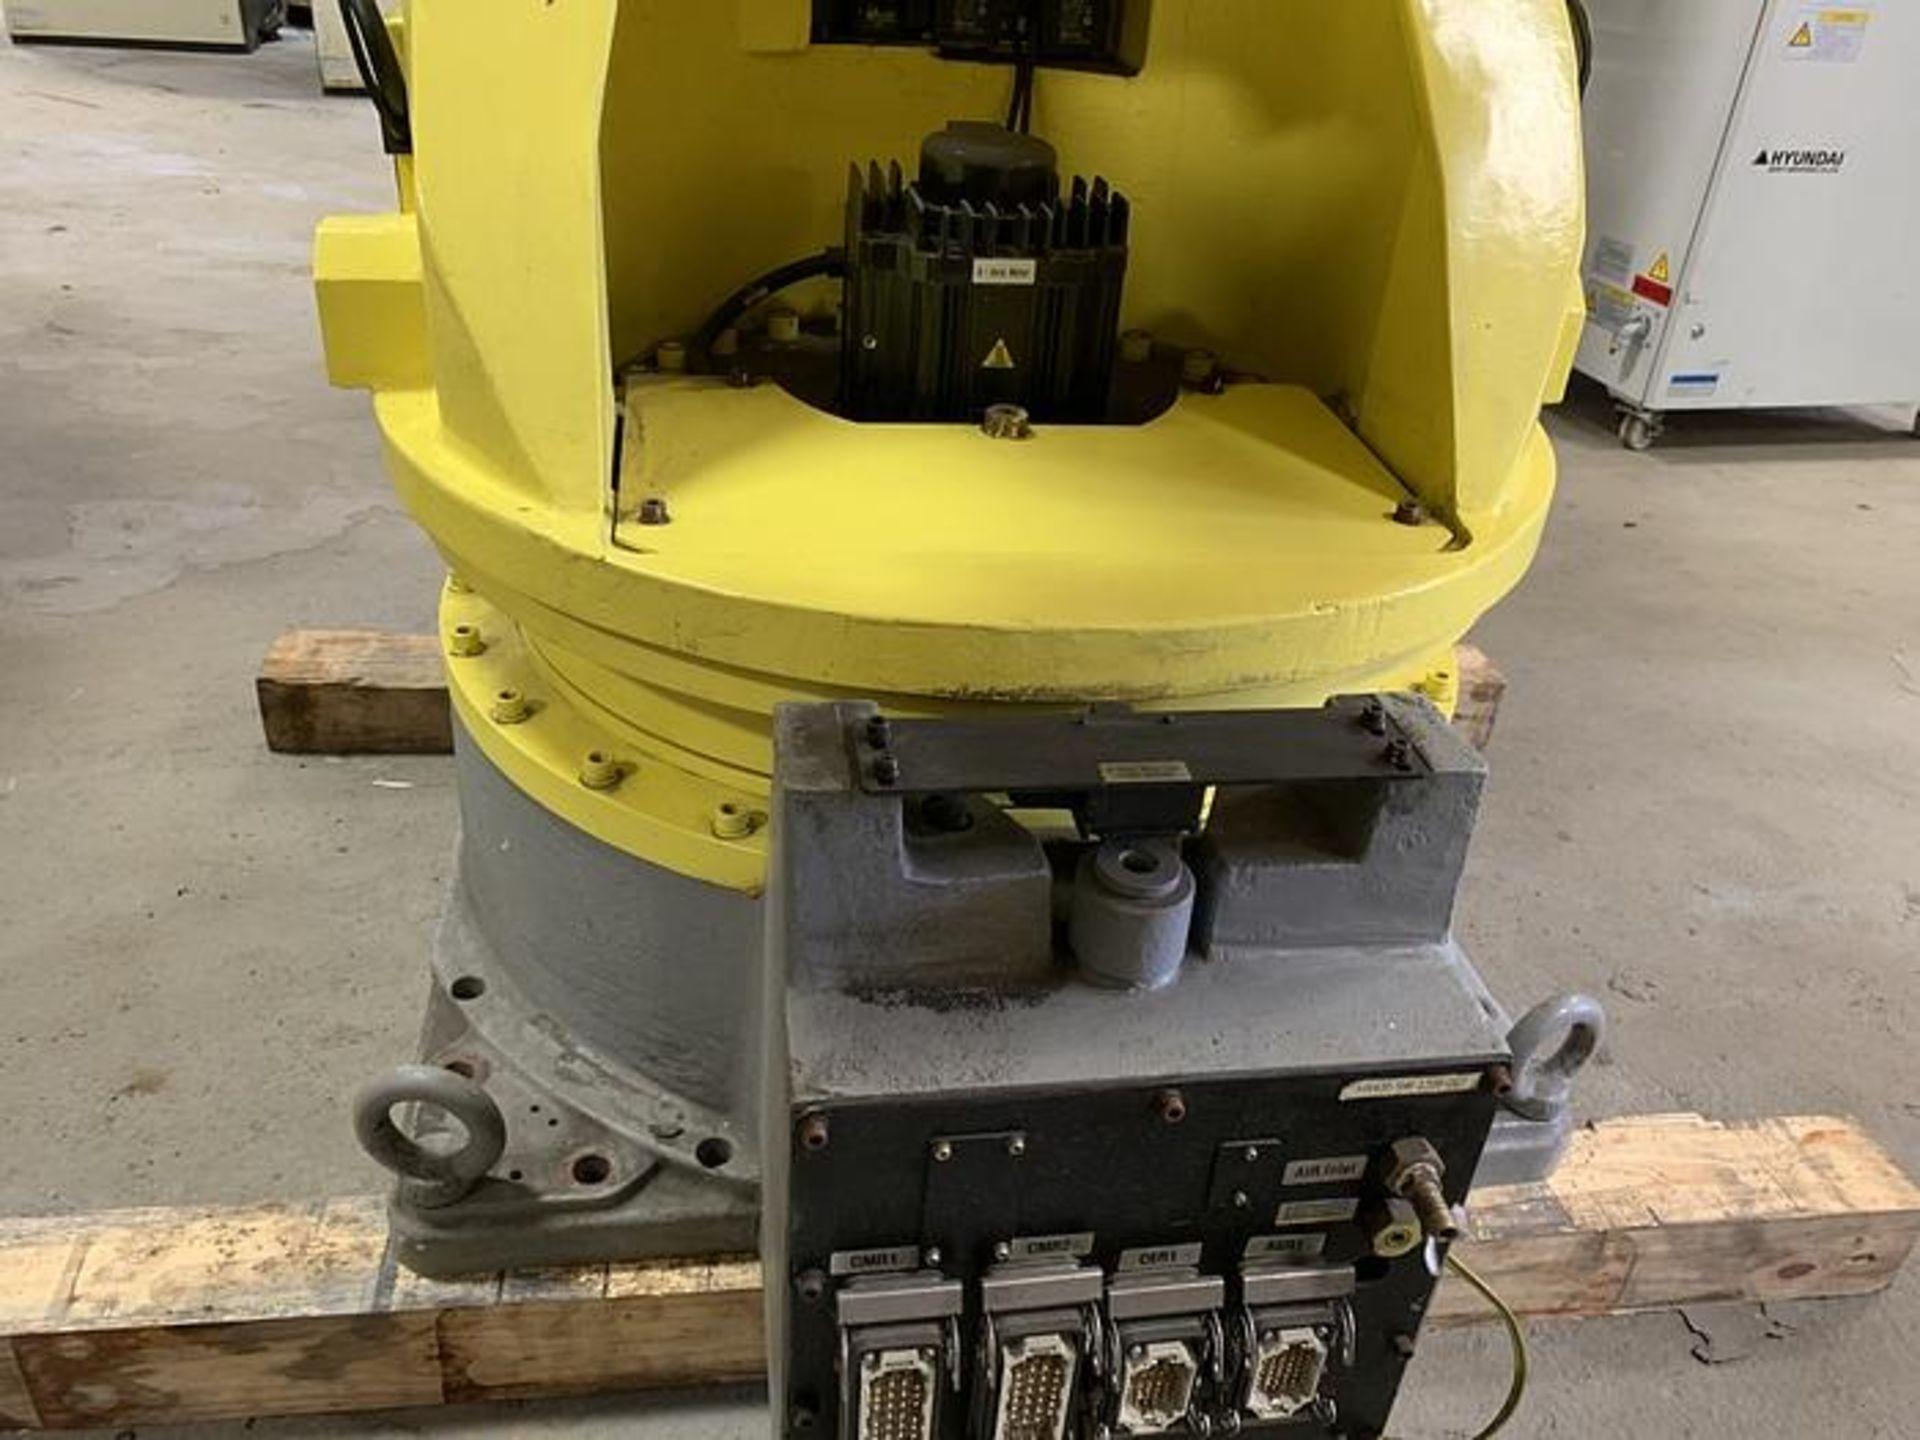 HYUNDIA MODEL HX400 400KG X 2573MM Hi5-N80U CONT. 6 AXIS CNC ROBOT, YEAR 2012, SN HB35-054-572 - Image 18 of 21